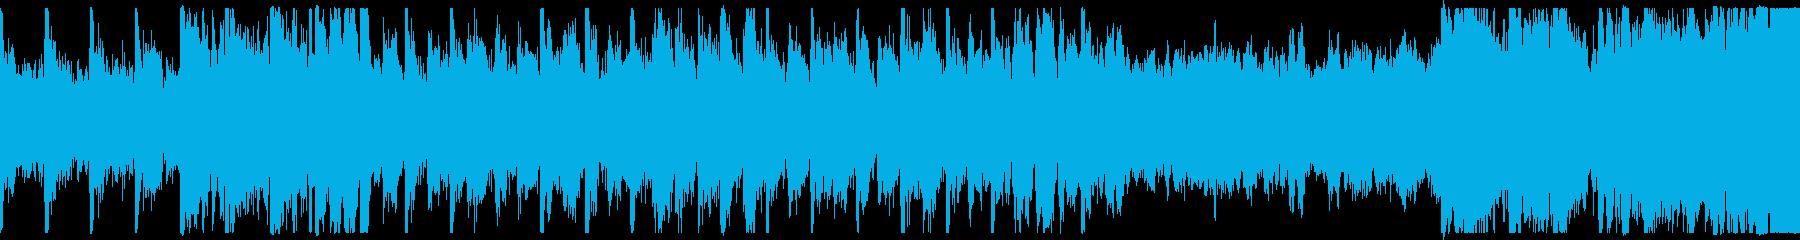 明るいオーケストラ曲 ループの再生済みの波形